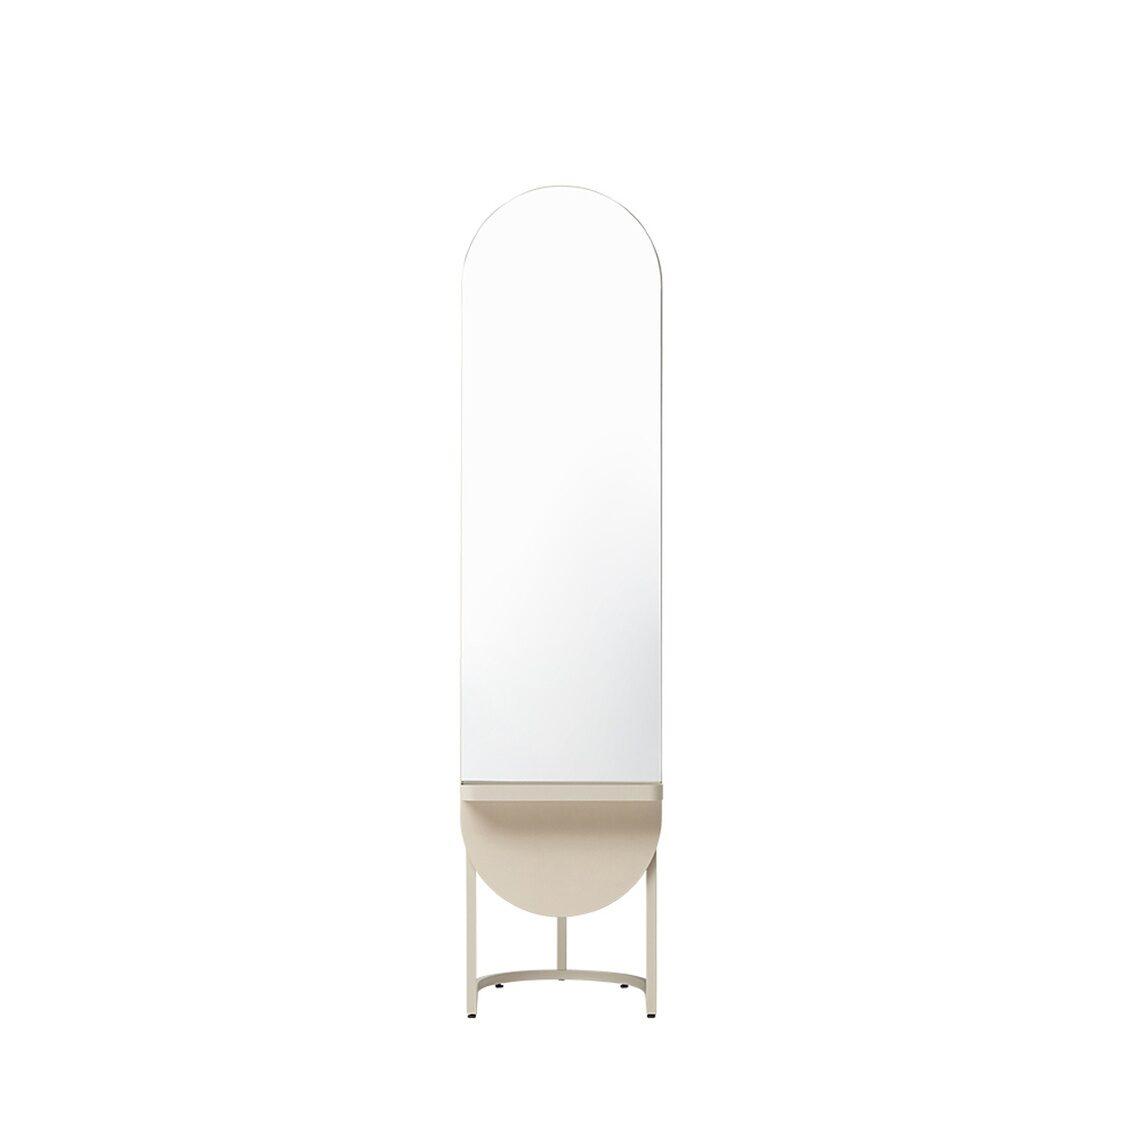 Iloom GLEN STUDIO Full-length Mirror  HSVA004-BGMBG